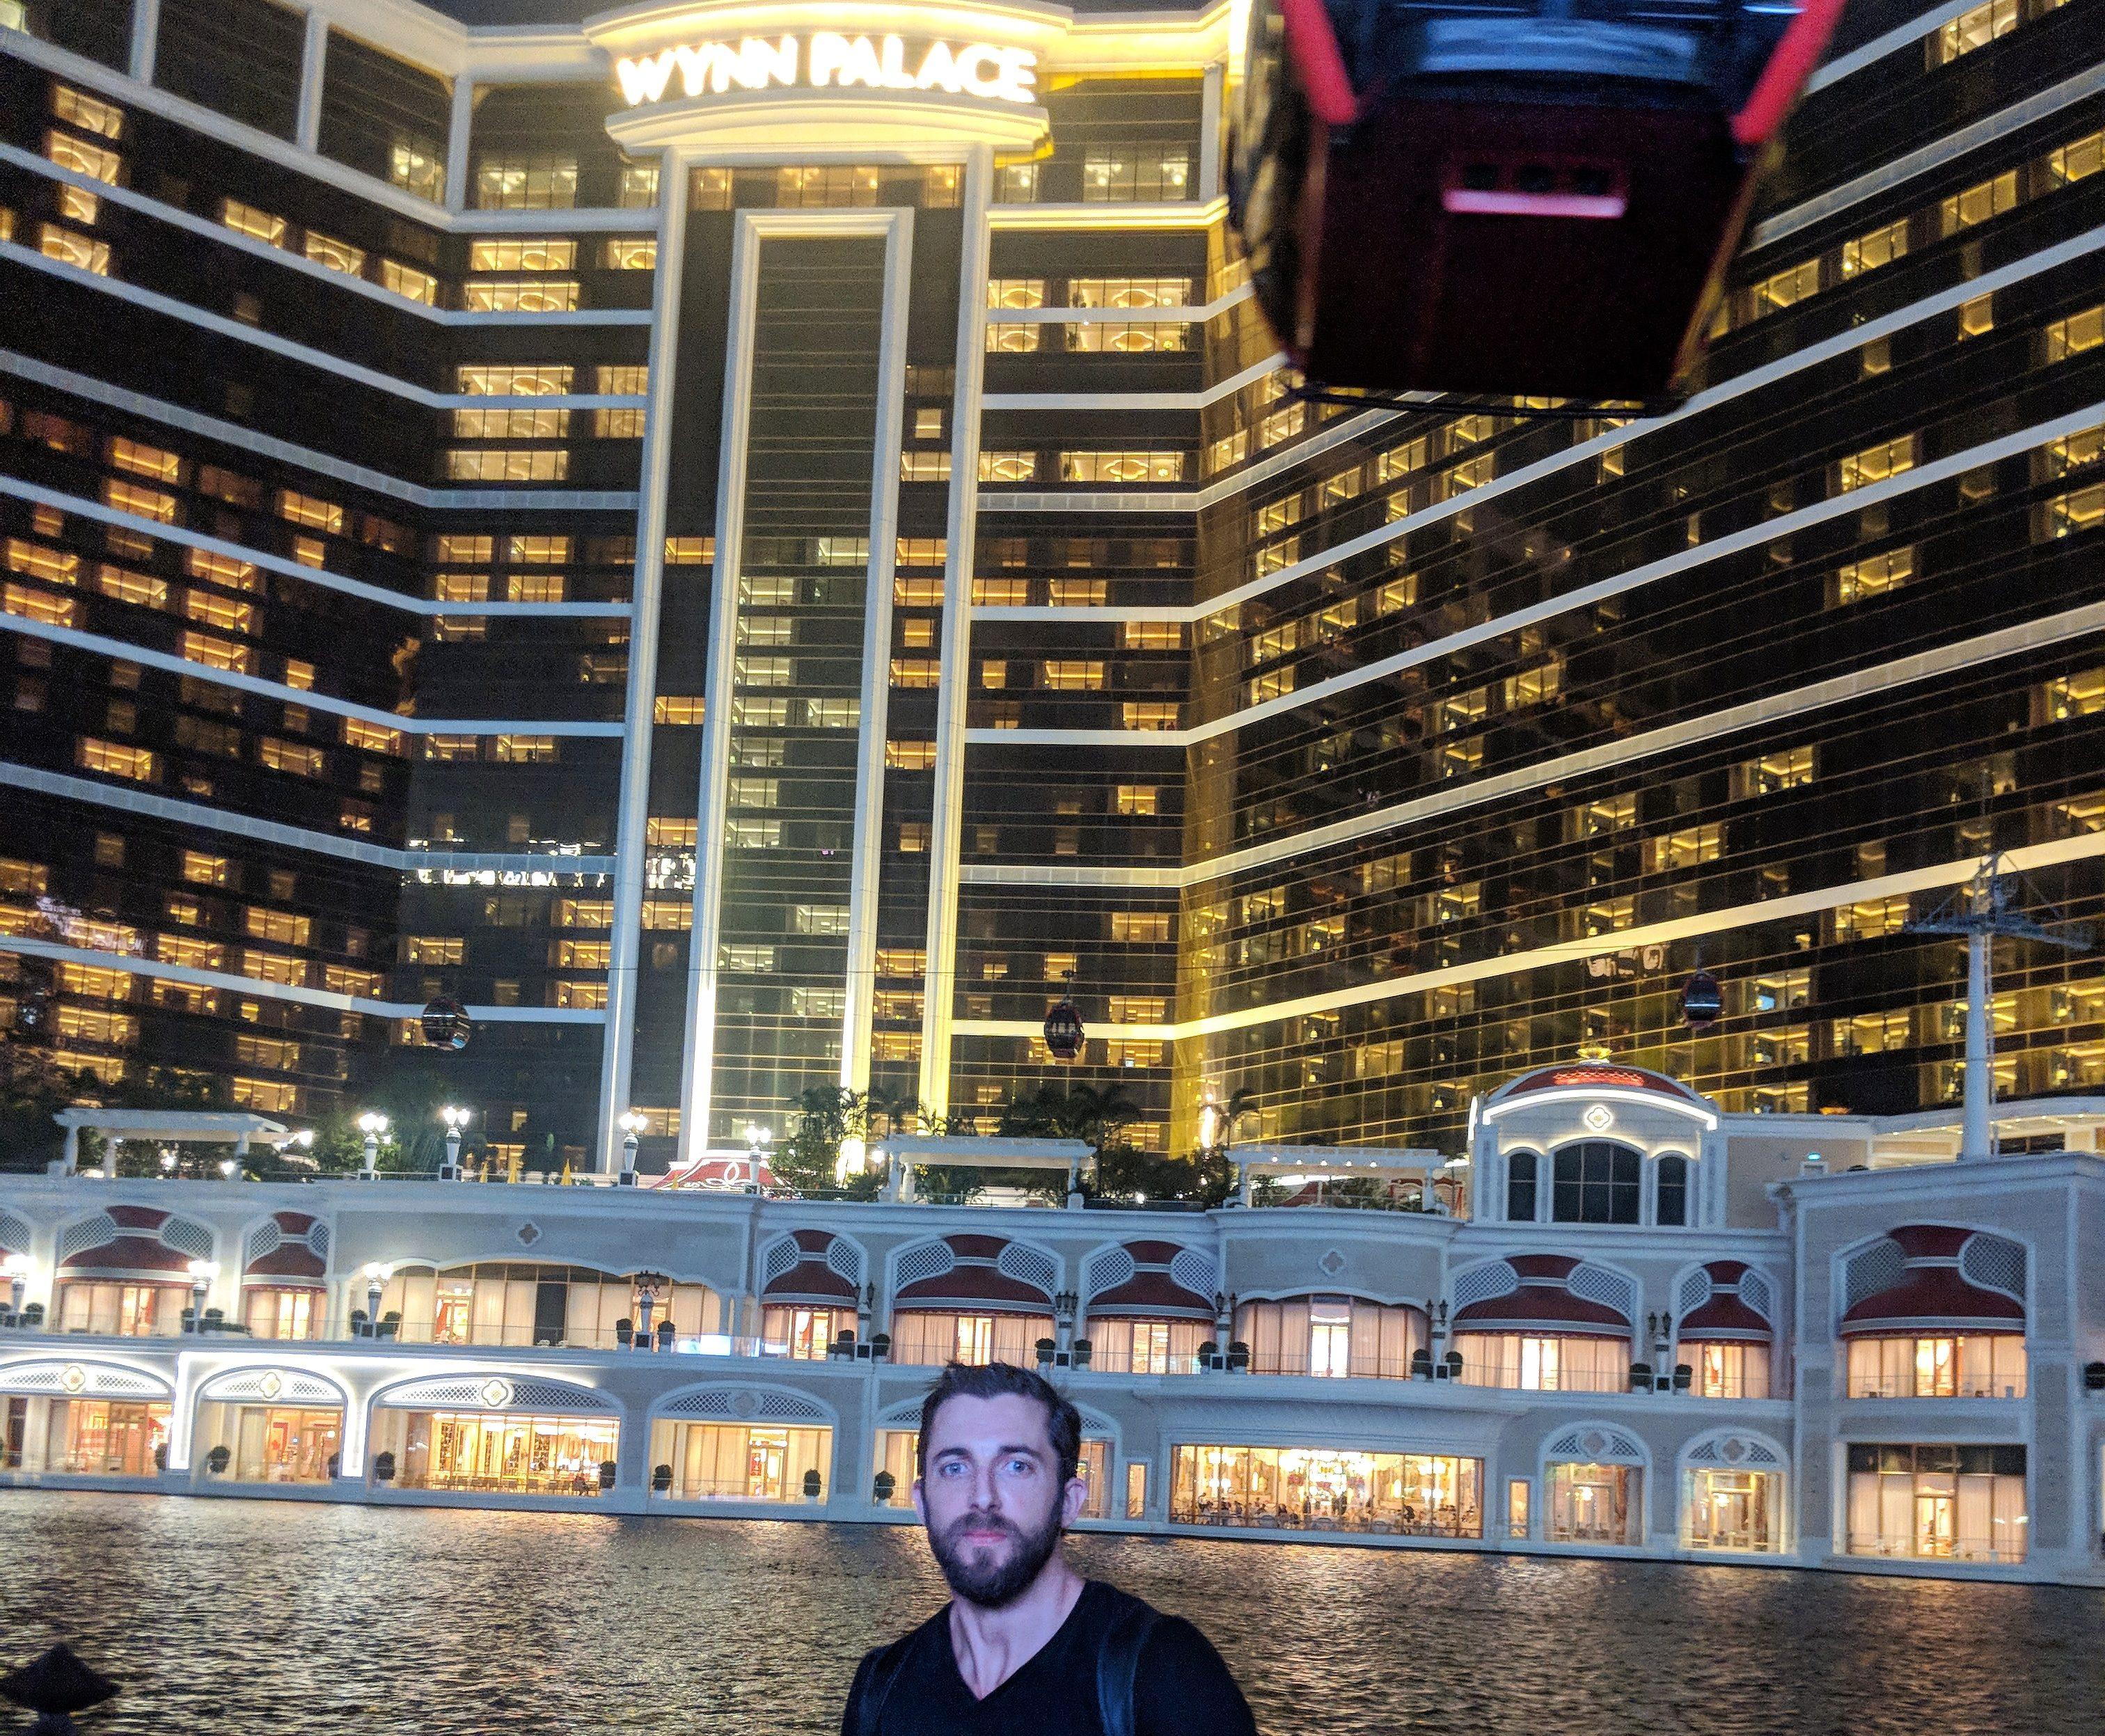 macau gondola wynn palace casino